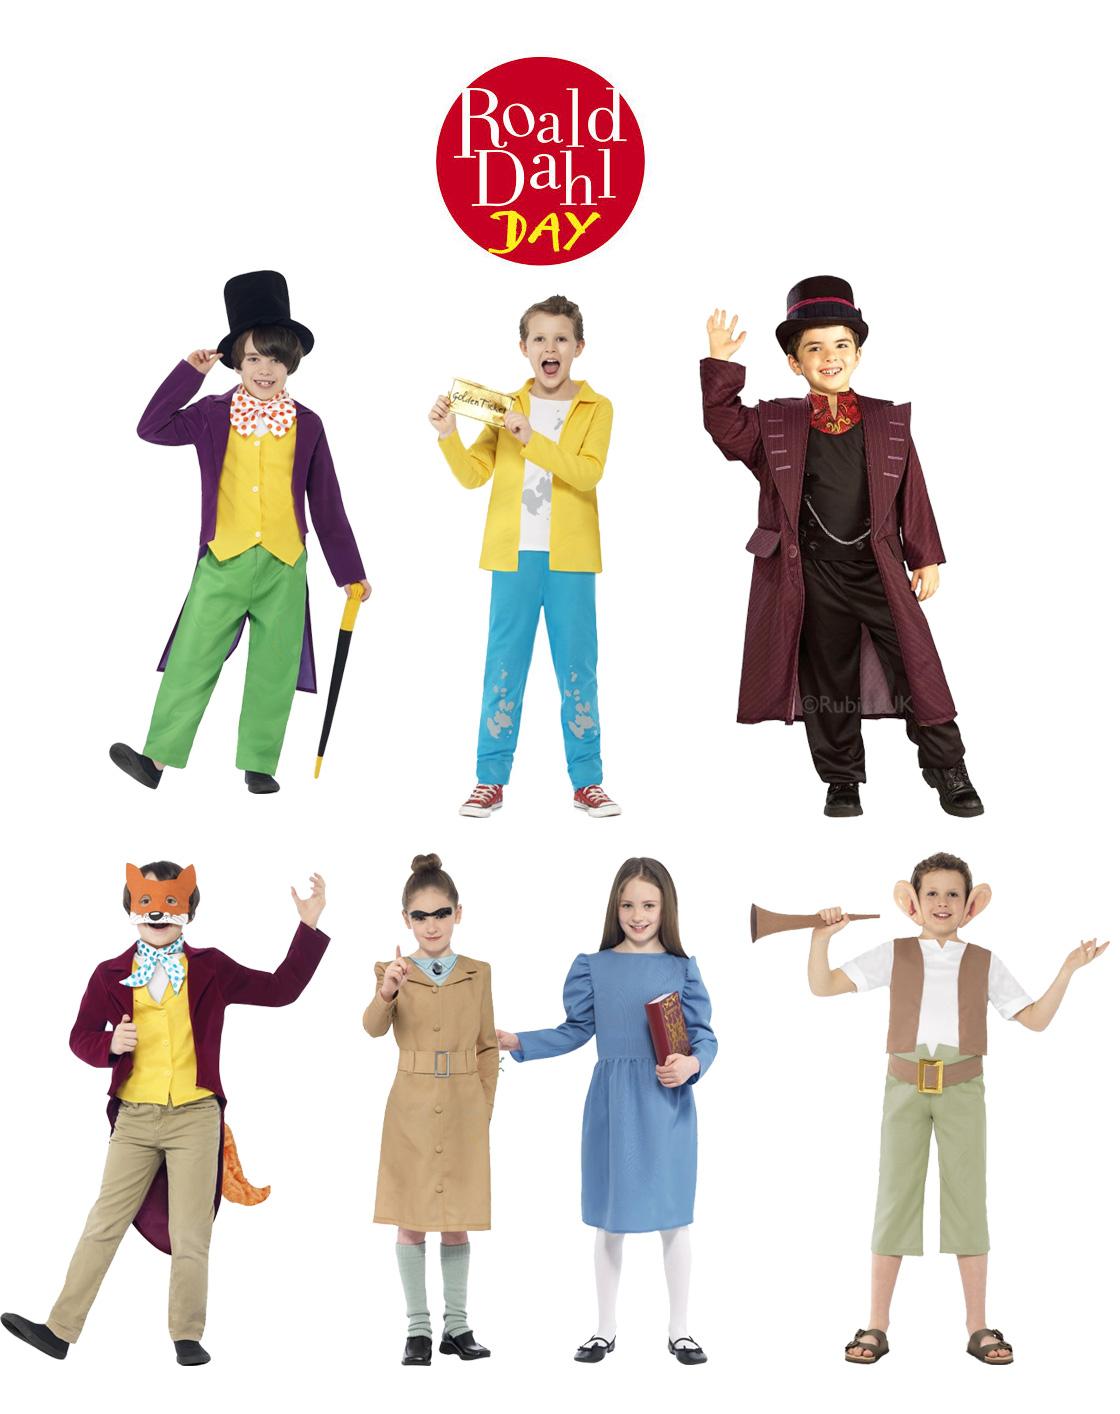 Child Licensed Roald Dahl Day Book Week Girls / Boys Fancy Dress Kids Costumes | eBay  sc 1 st  eBay & Child Licensed Roald Dahl Day Book Week Girls / Boys Fancy Dress ...